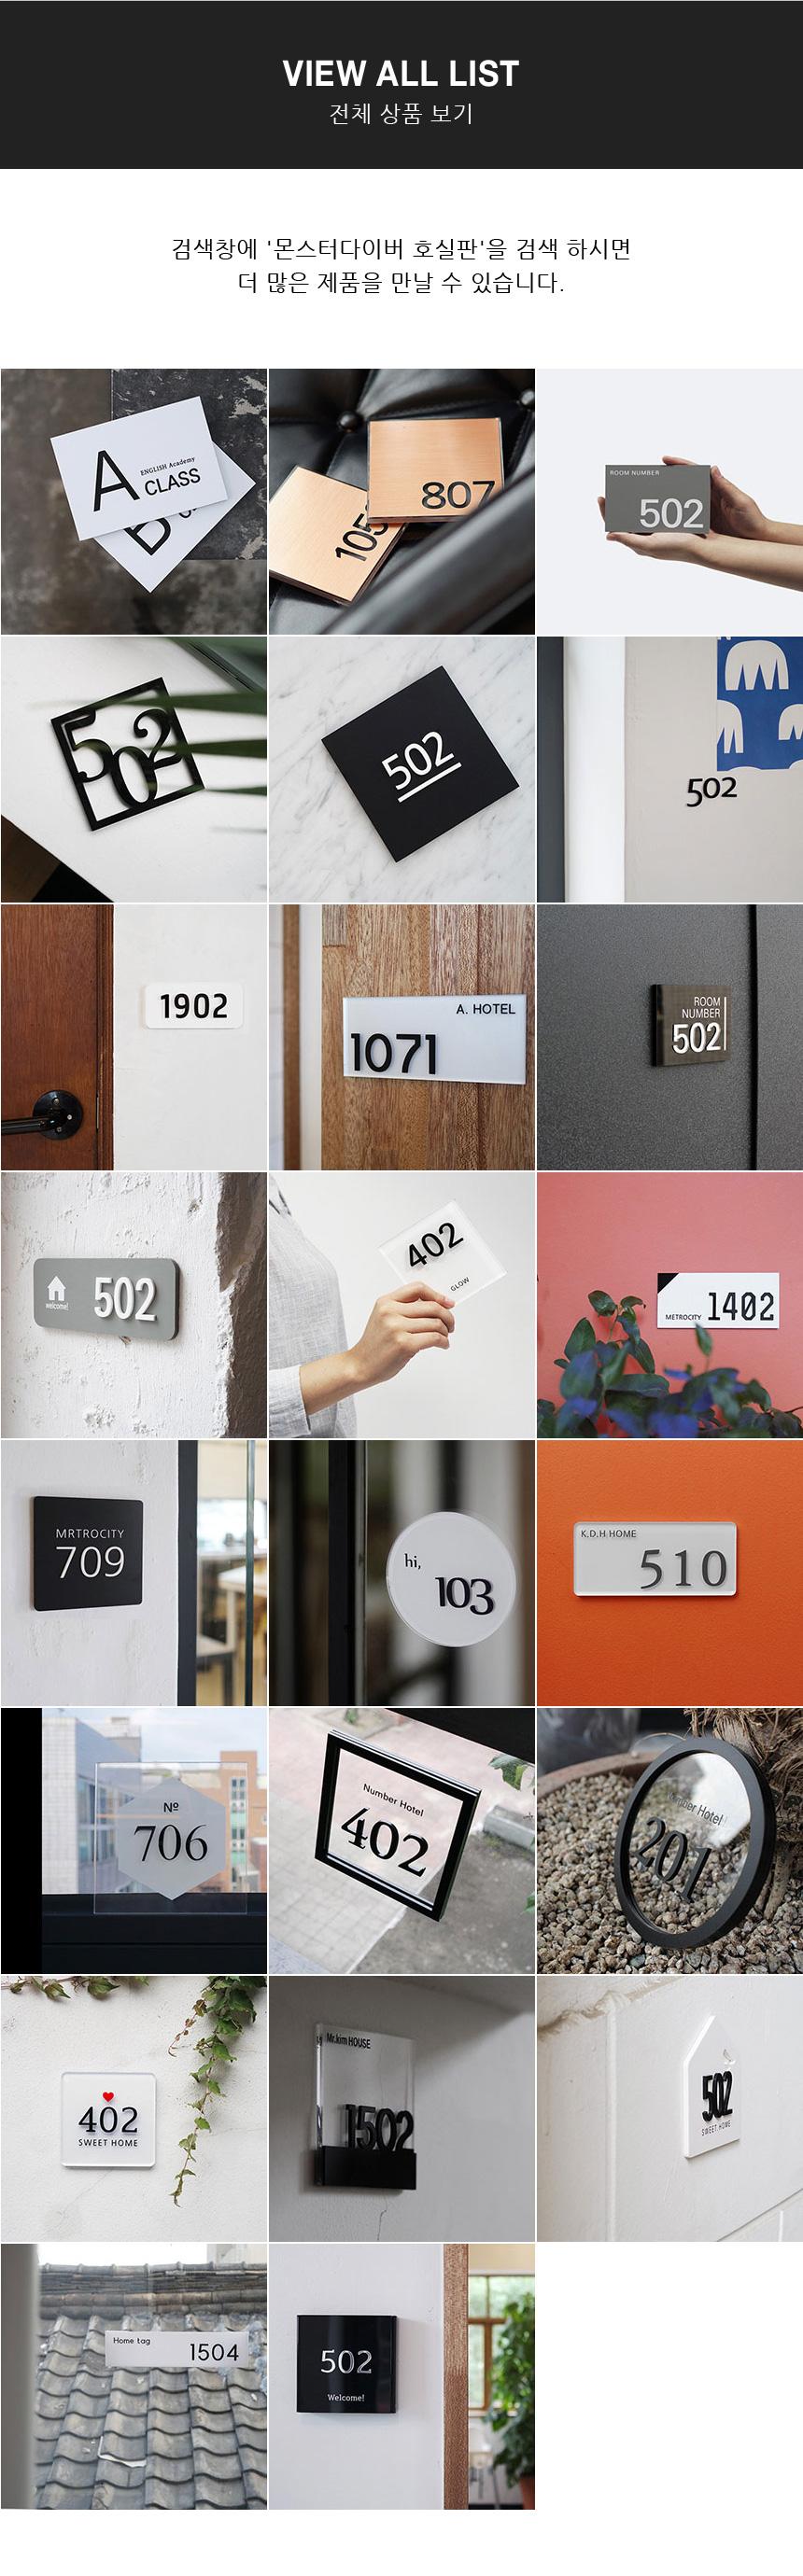 호수판 호실판 숫자판 99 - 몬스터다이버, 15,000원, 문패/보드, 아크릴문패